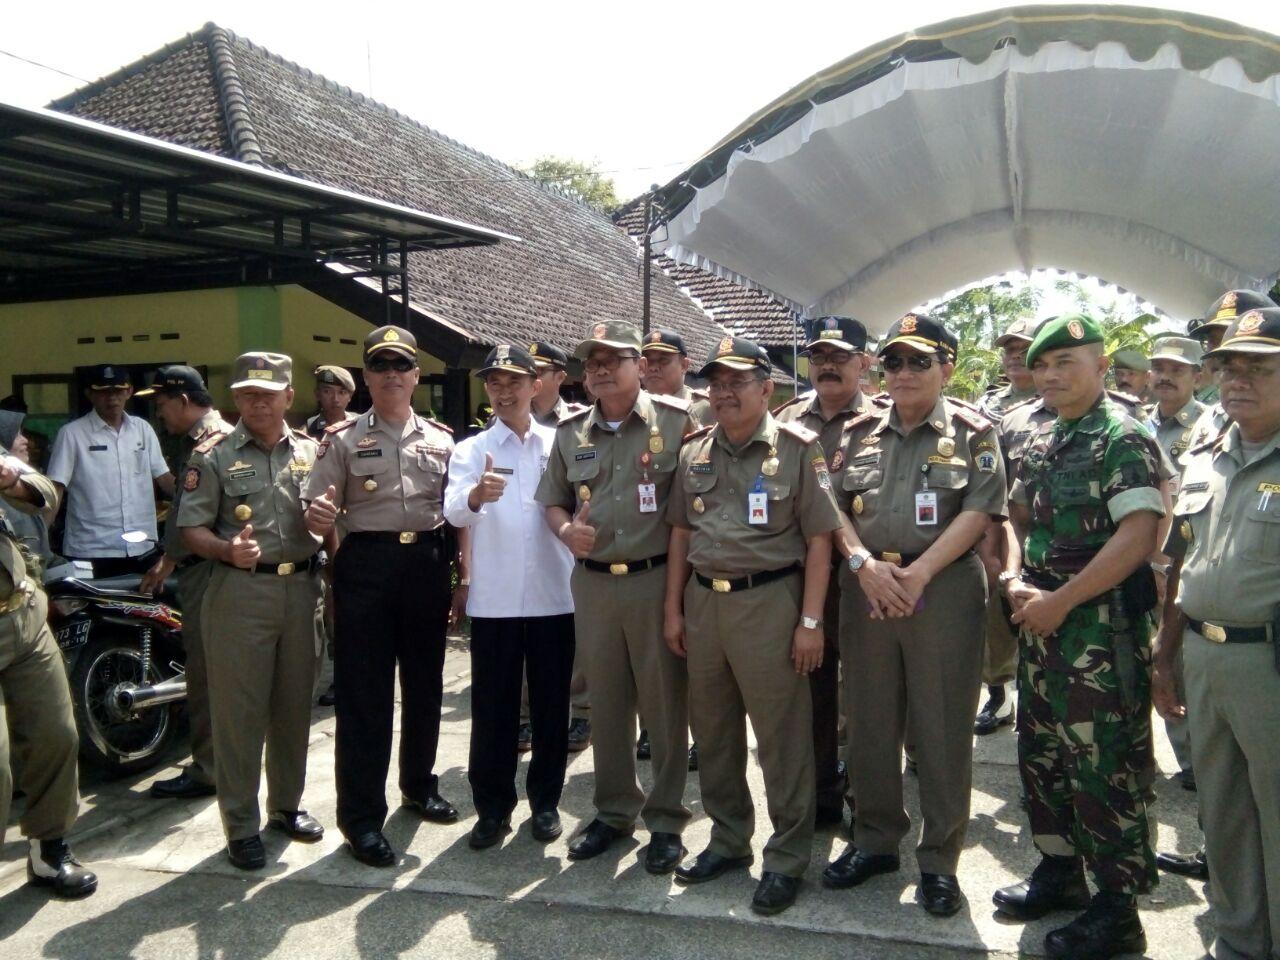 Kapolsek Ngantang bersama Anggota Melakukan Pengamanan Pembukaan Jambore Ke XV di Taman Wisata Selorejo